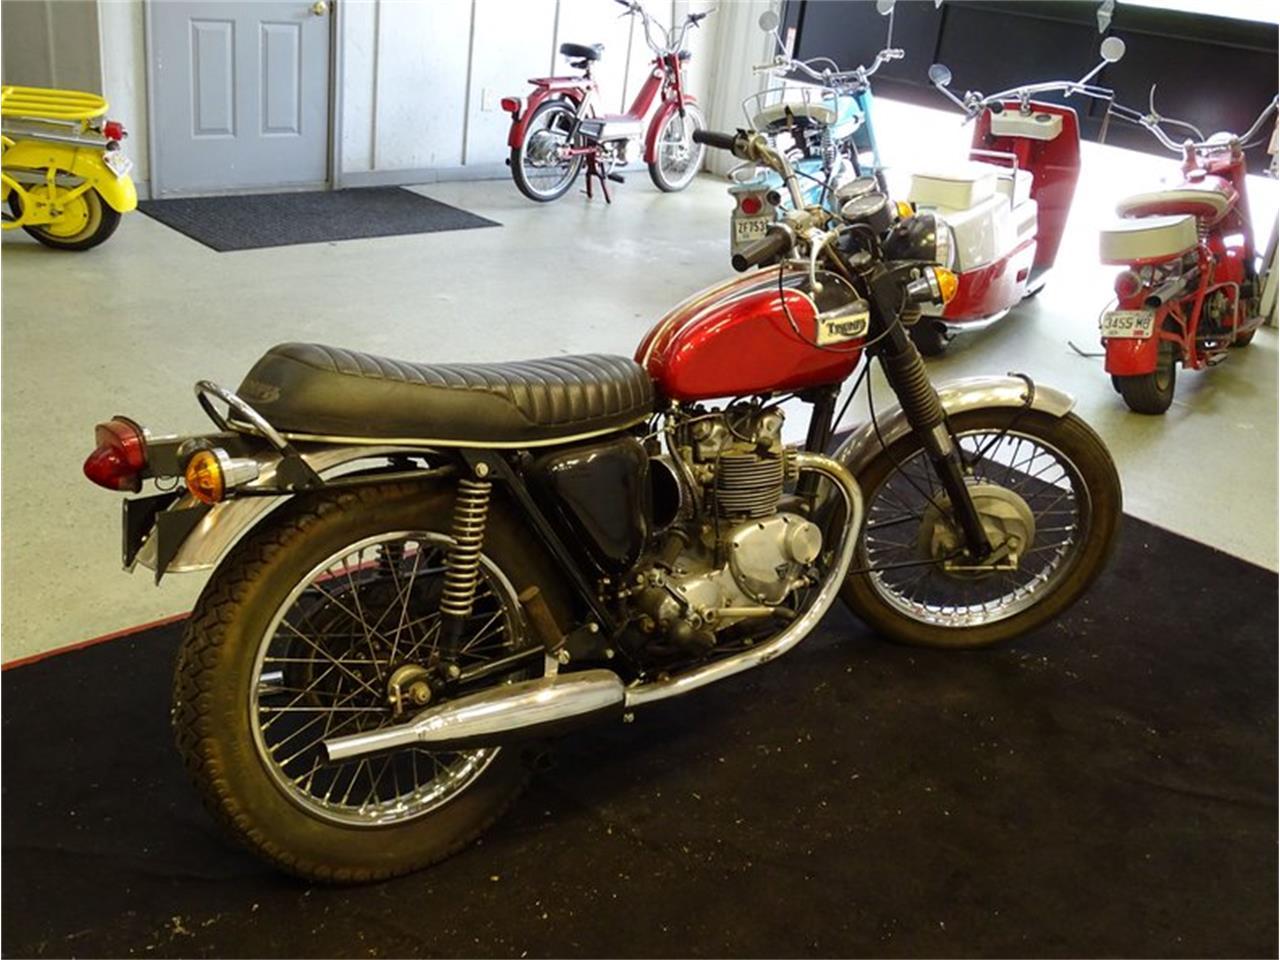 1971 Triumph Motorcycle (CC-1388967) for sale in Greensboro, North Carolina